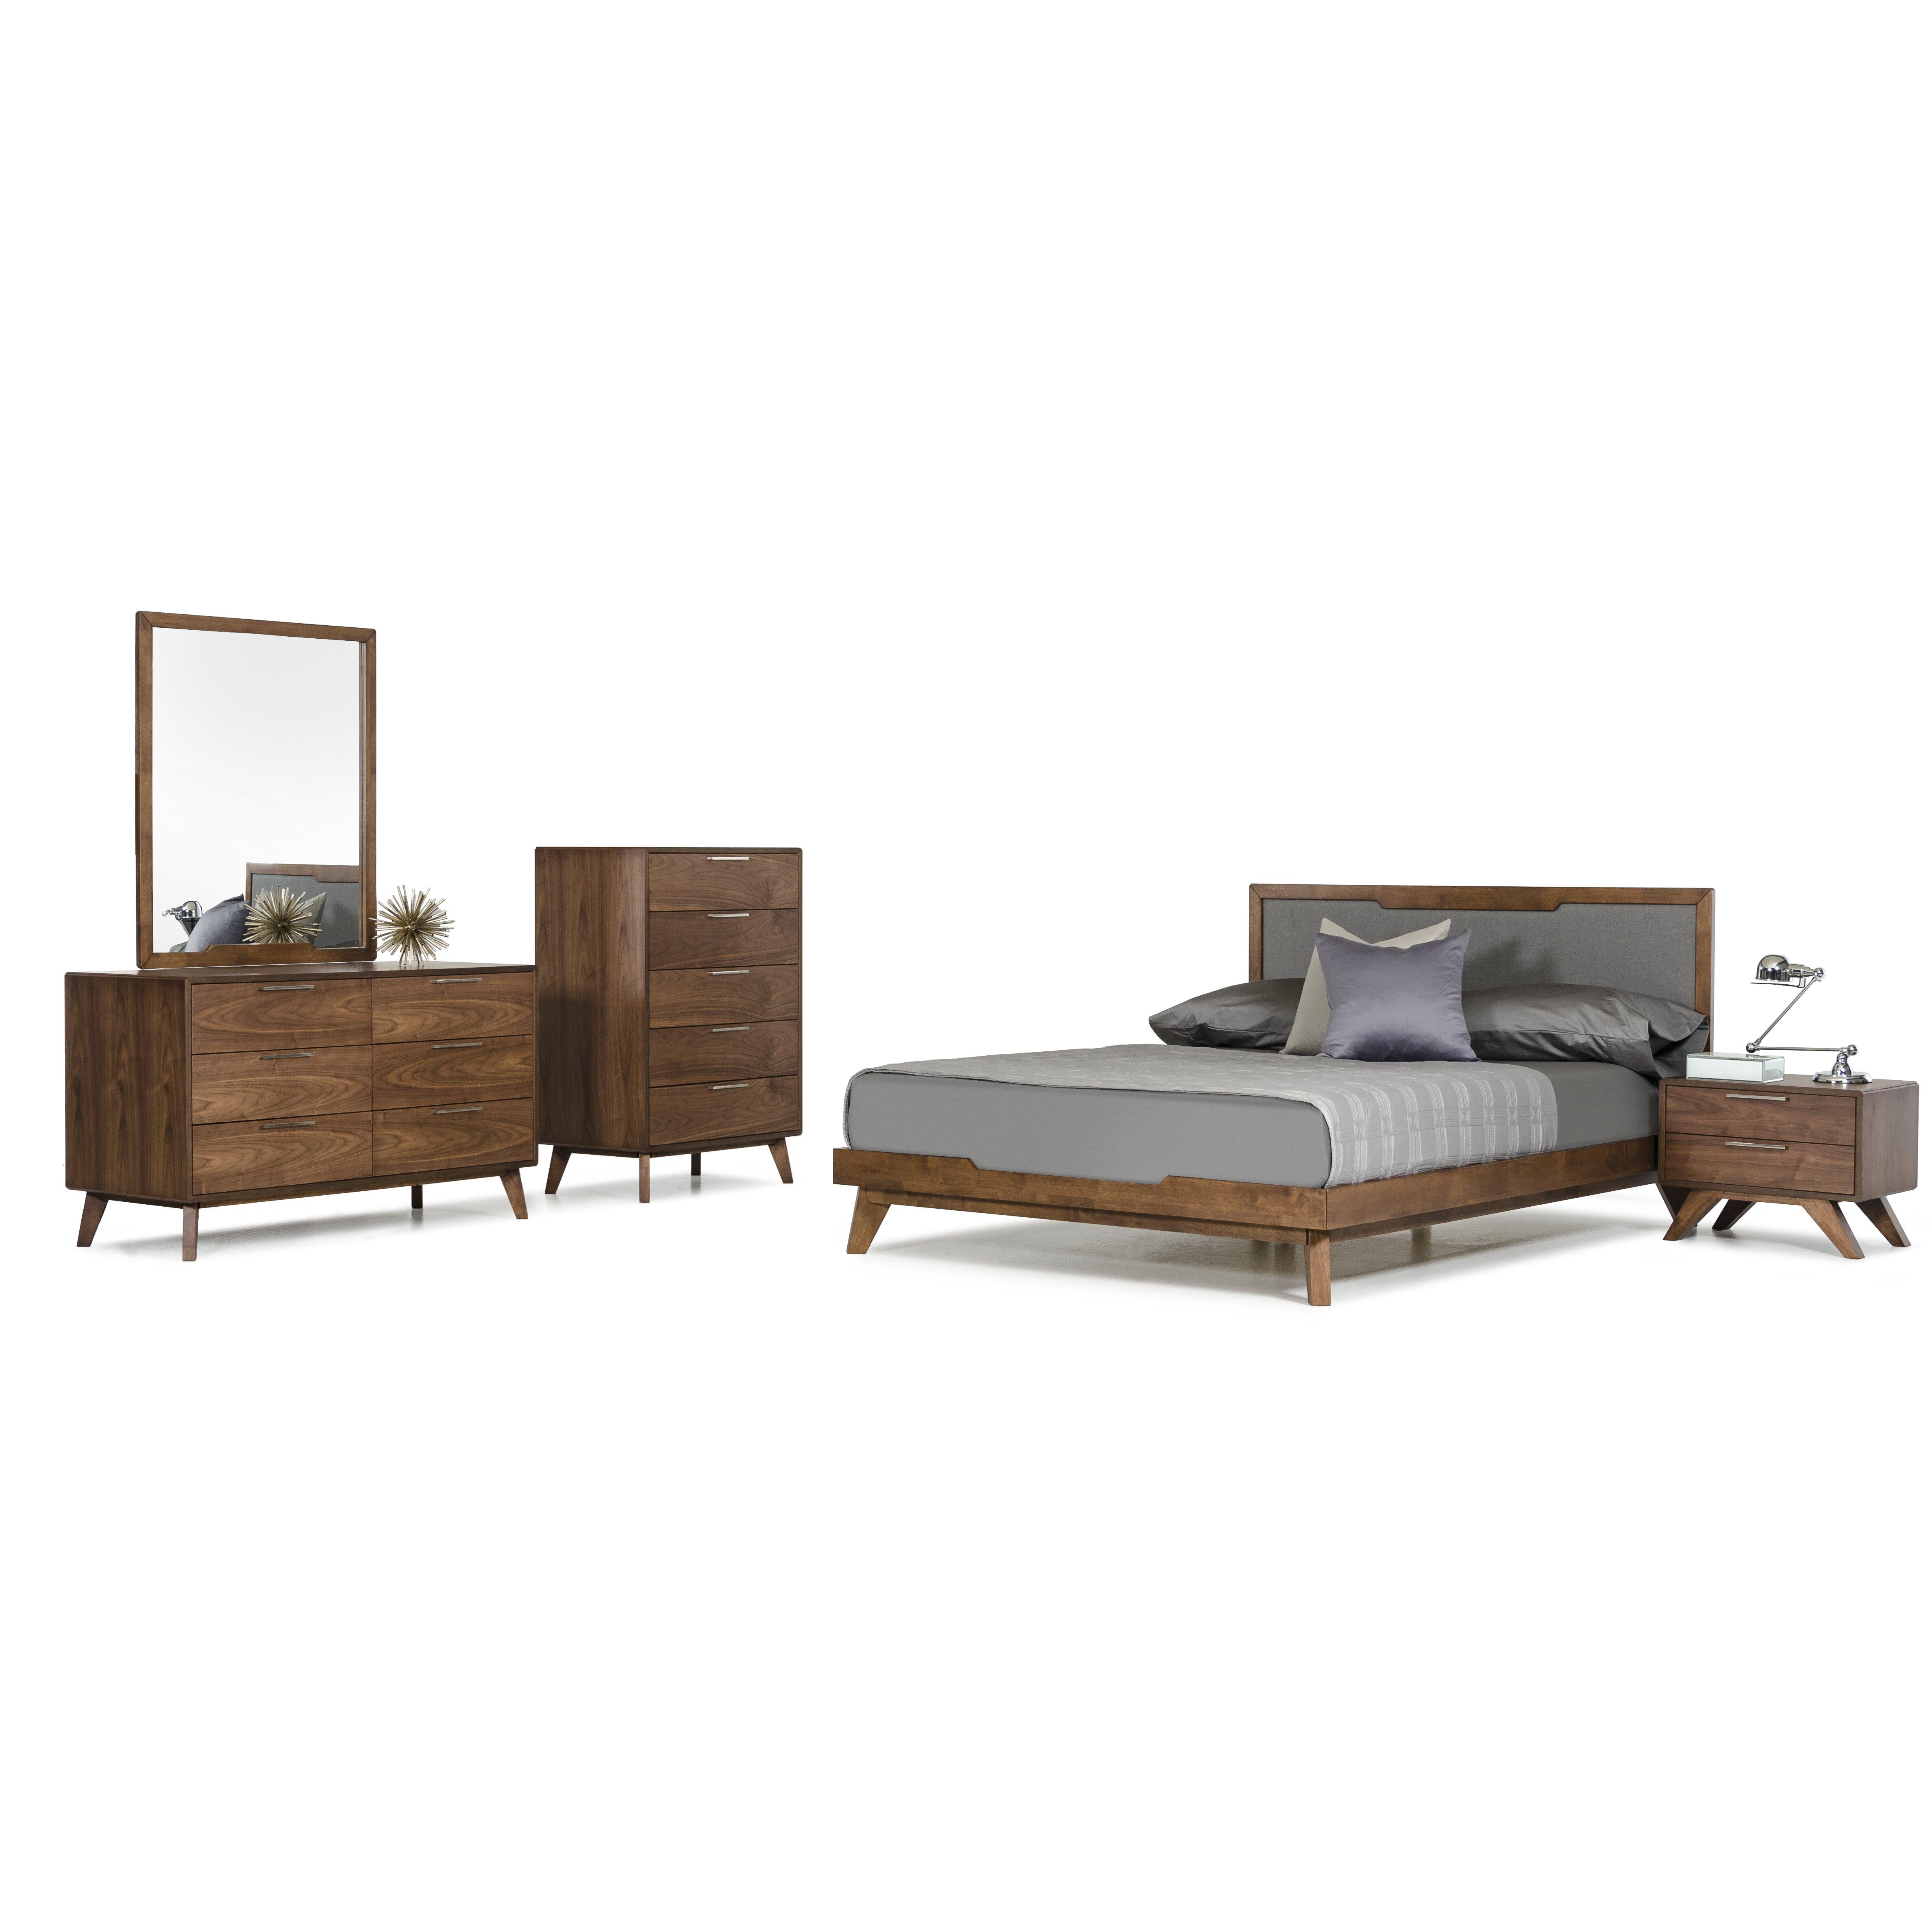 Brayden studio mullen platform 5 piece bedroom set for Bedroom 5 piece sets